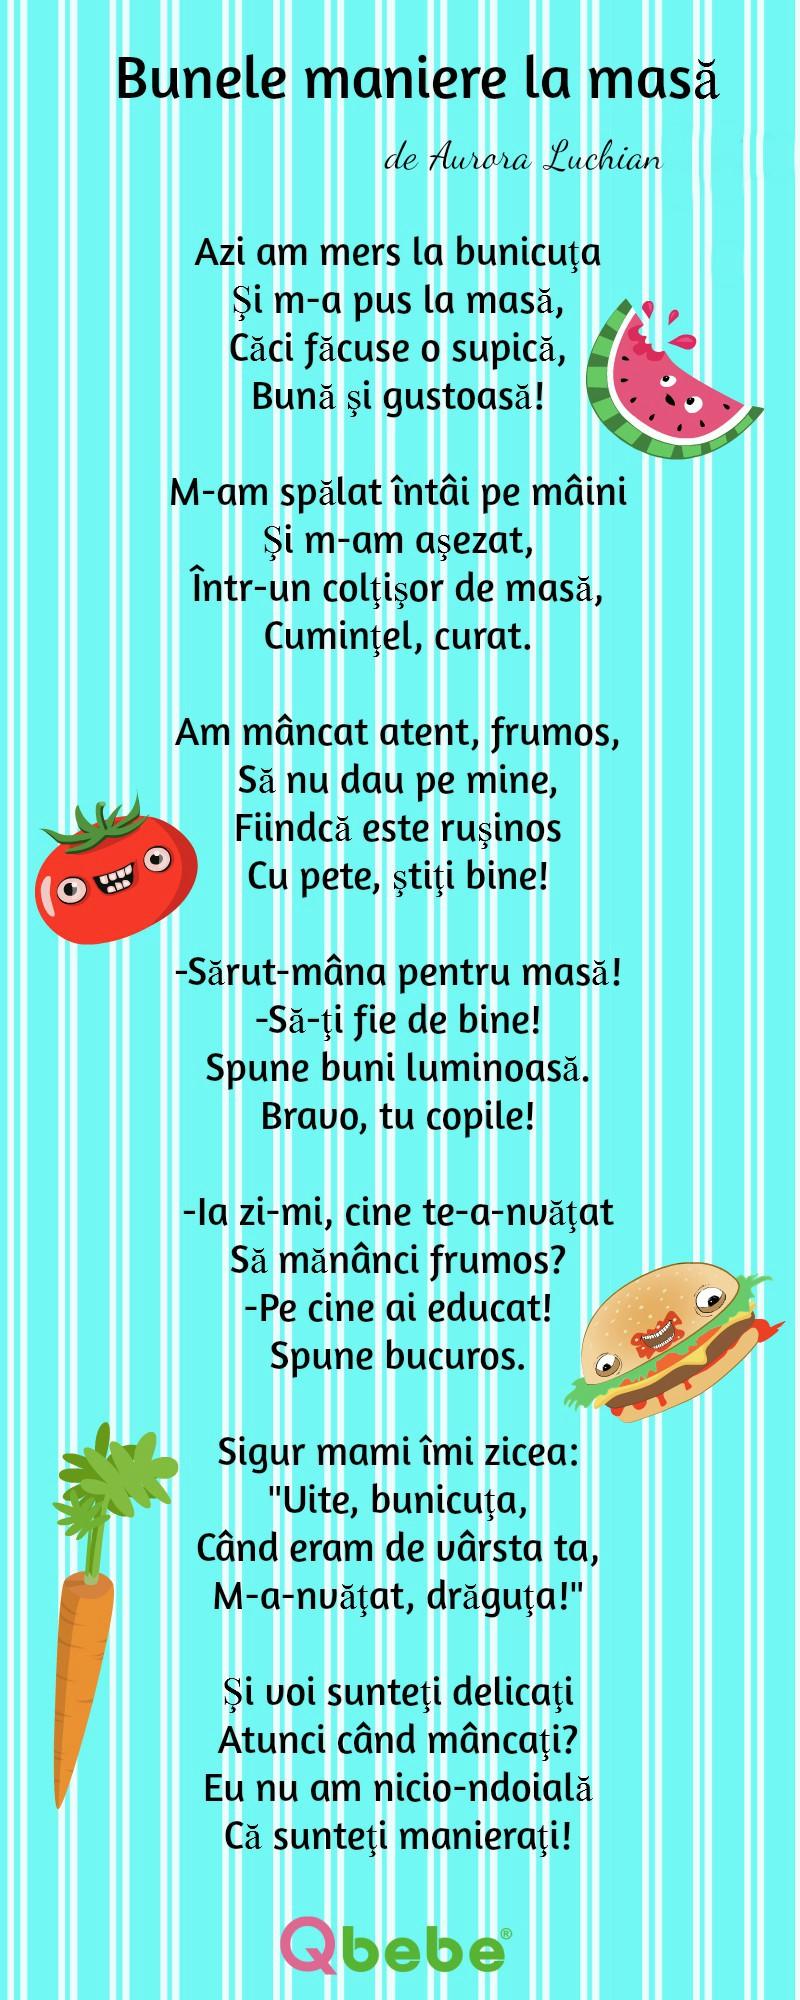 15 Poezii Pentru Copii Despre Bunele Baniere